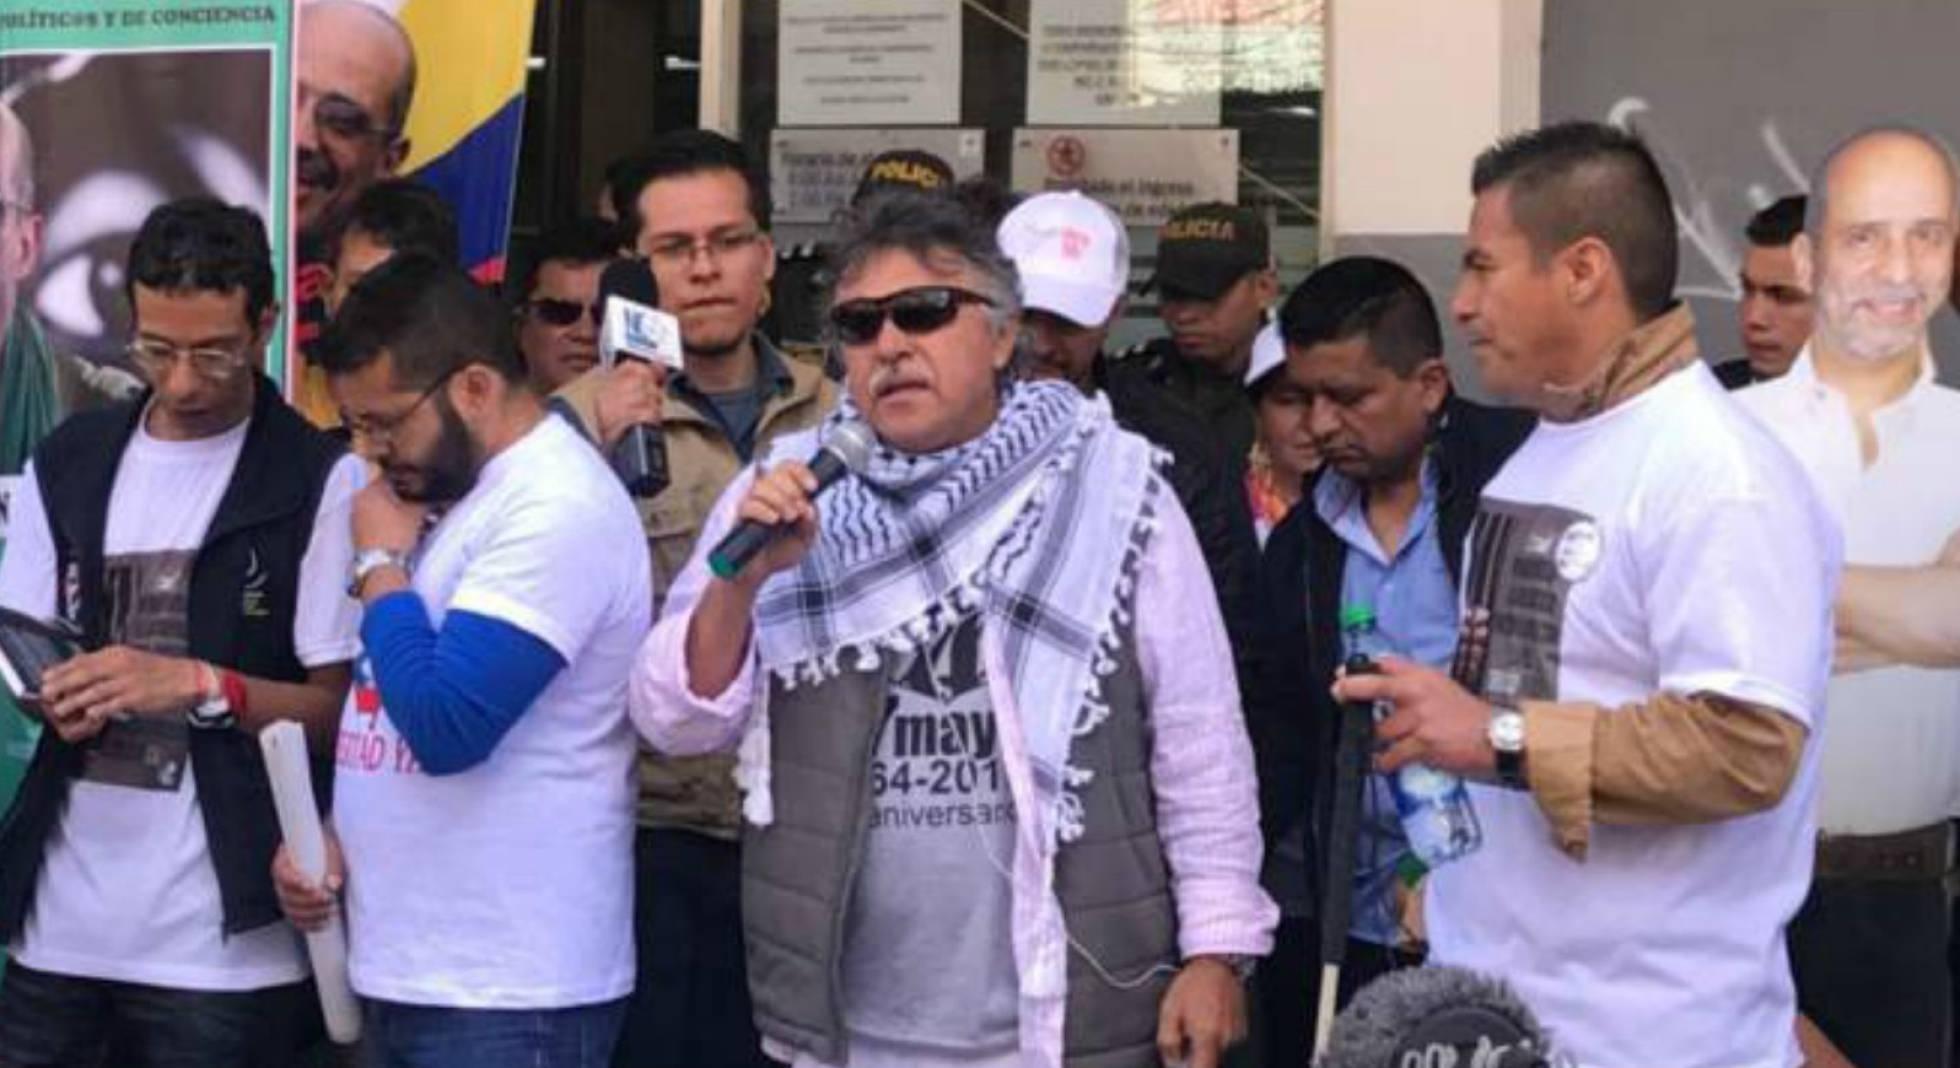 El veto a los exguerrilleros de las FARC en el Congreso de Colombia